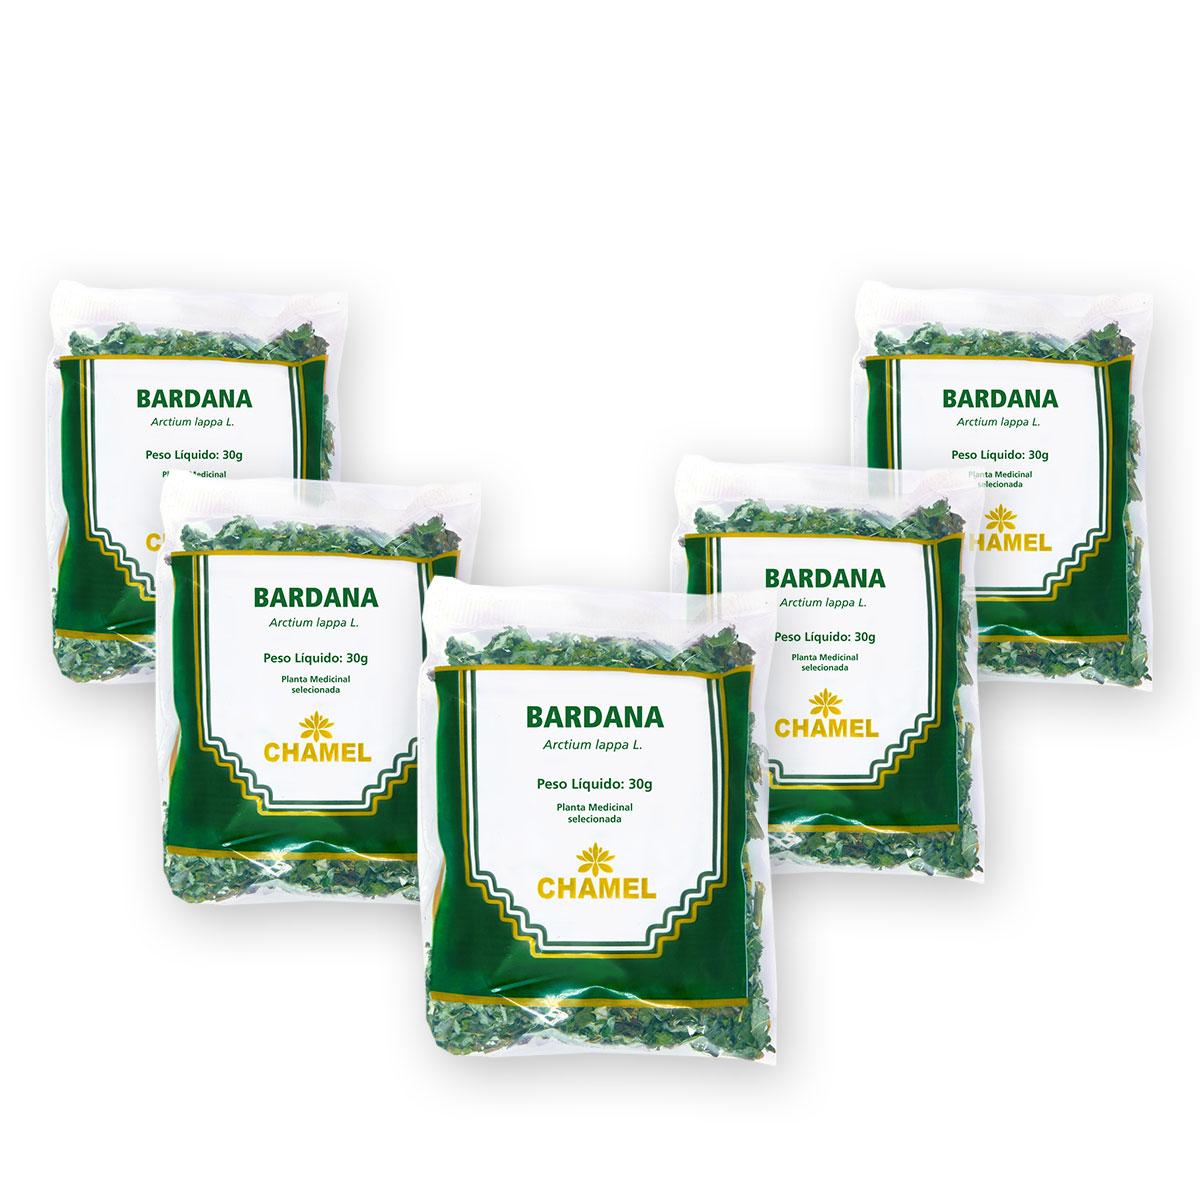 Bardana 30g Chamel com 5 Unidades - Chá-Folhas